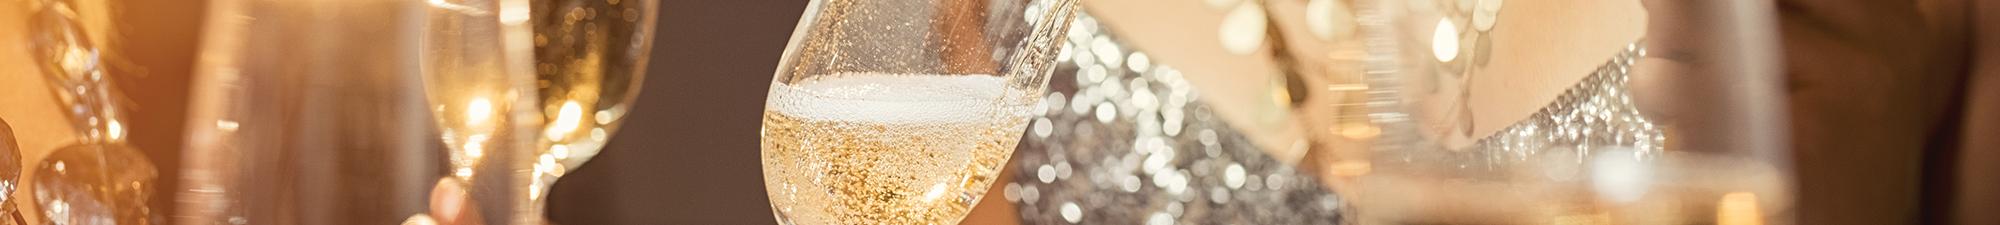 Champanhe e Espumante